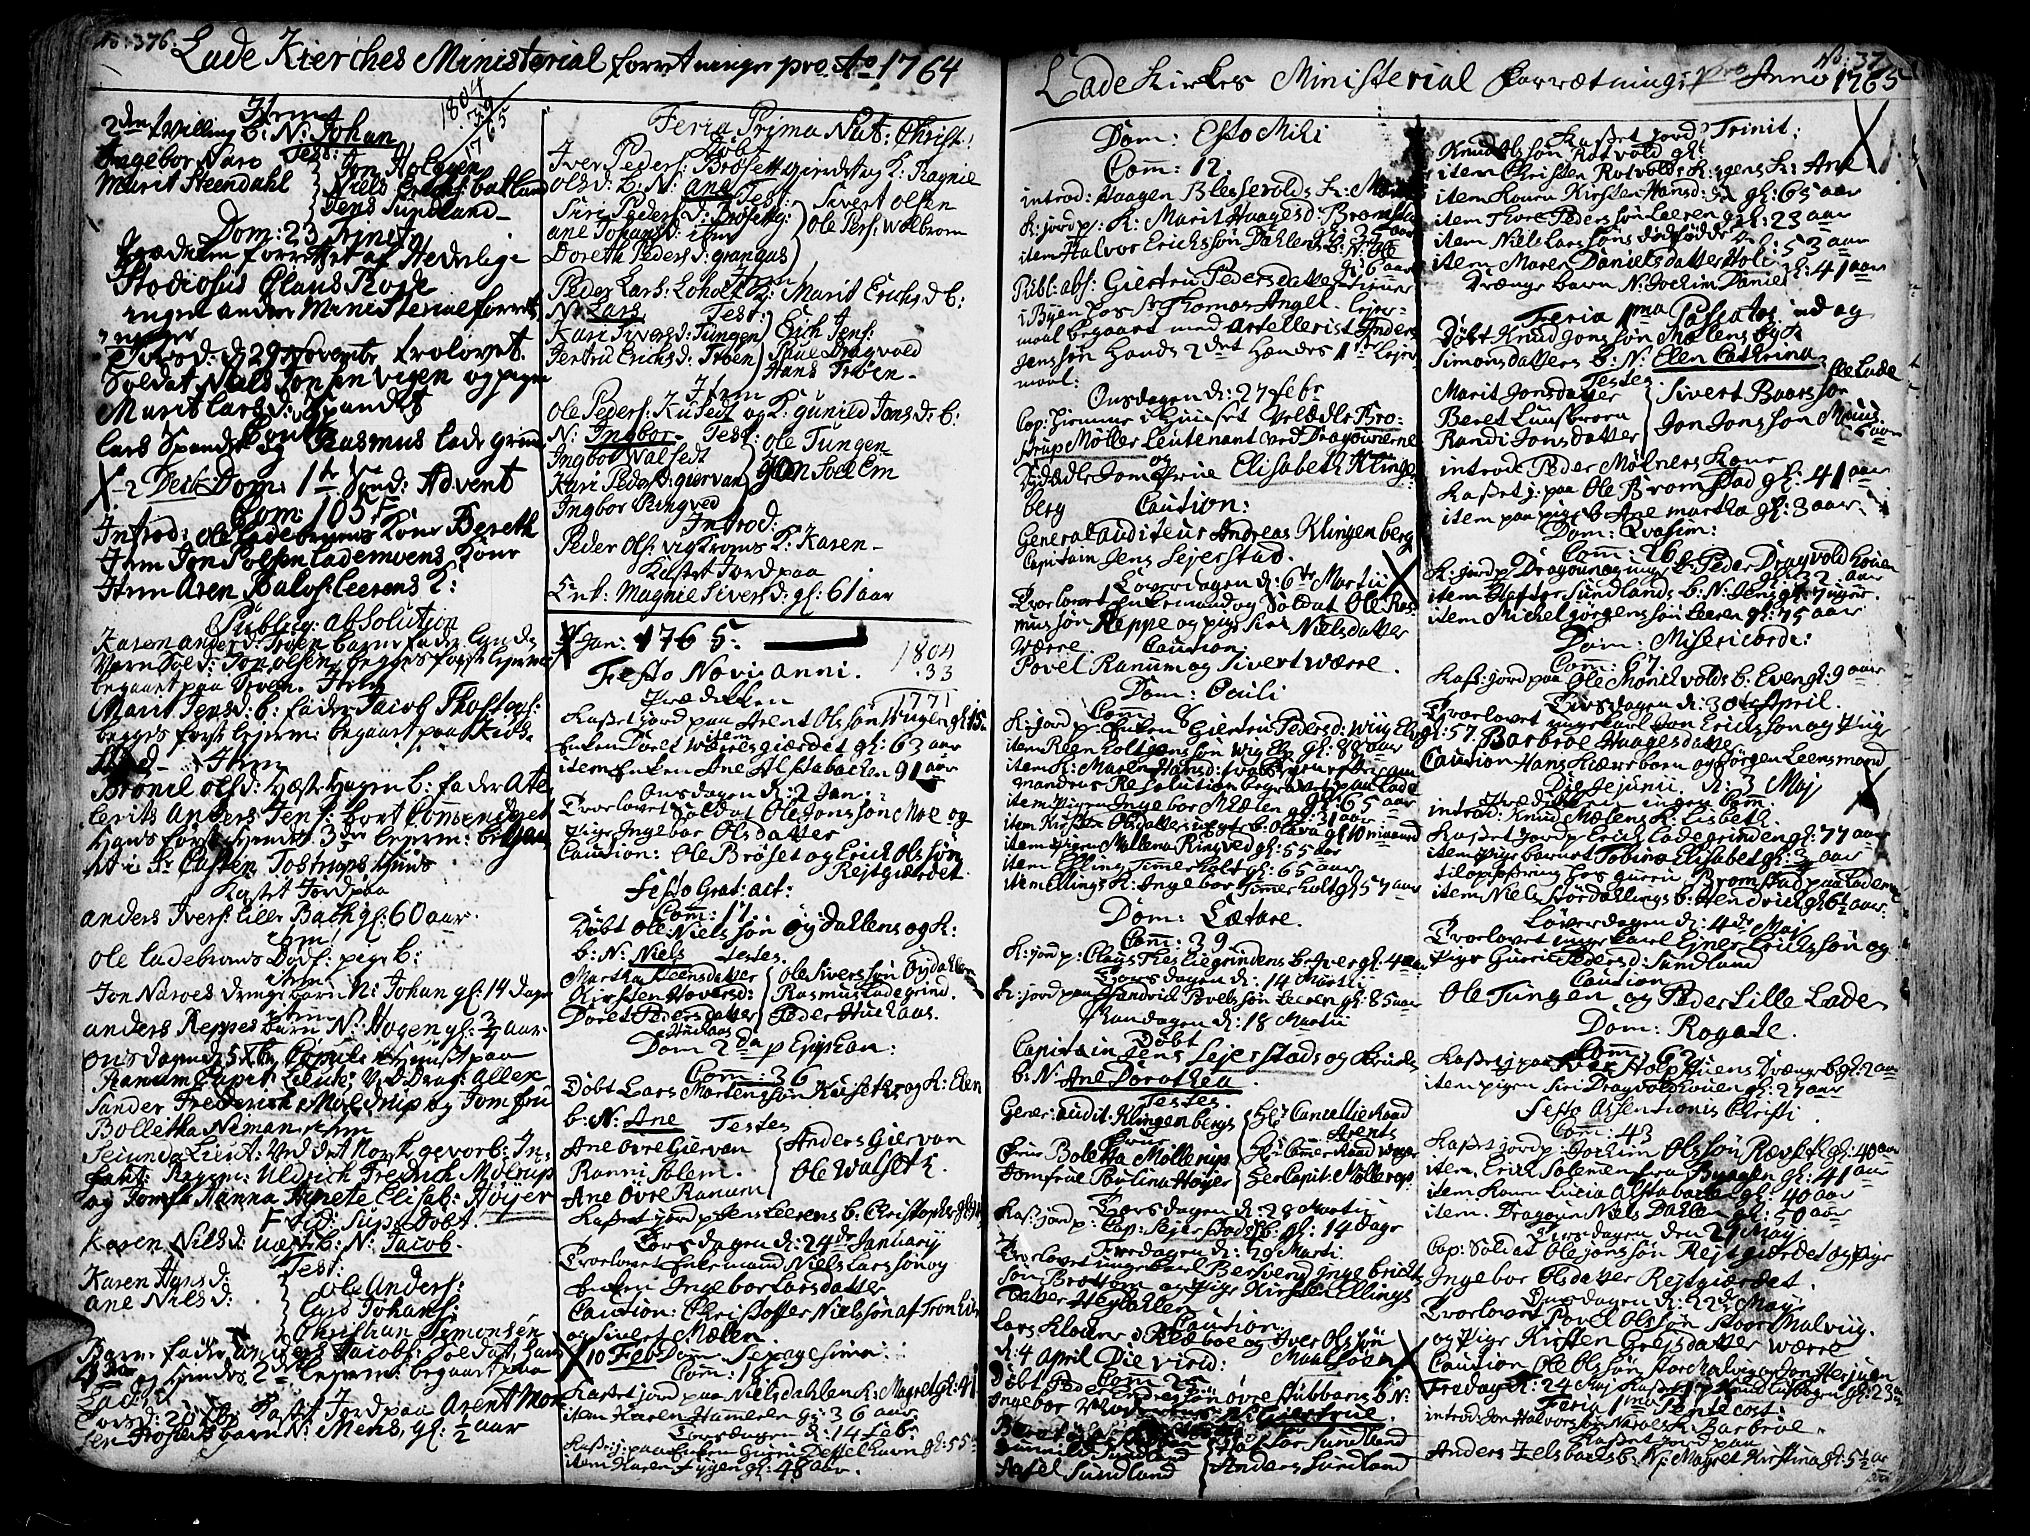 SAT, Ministerialprotokoller, klokkerbøker og fødselsregistre - Sør-Trøndelag, 606/L0275: Ministerialbok nr. 606A01 /1, 1727-1780, s. 376-377